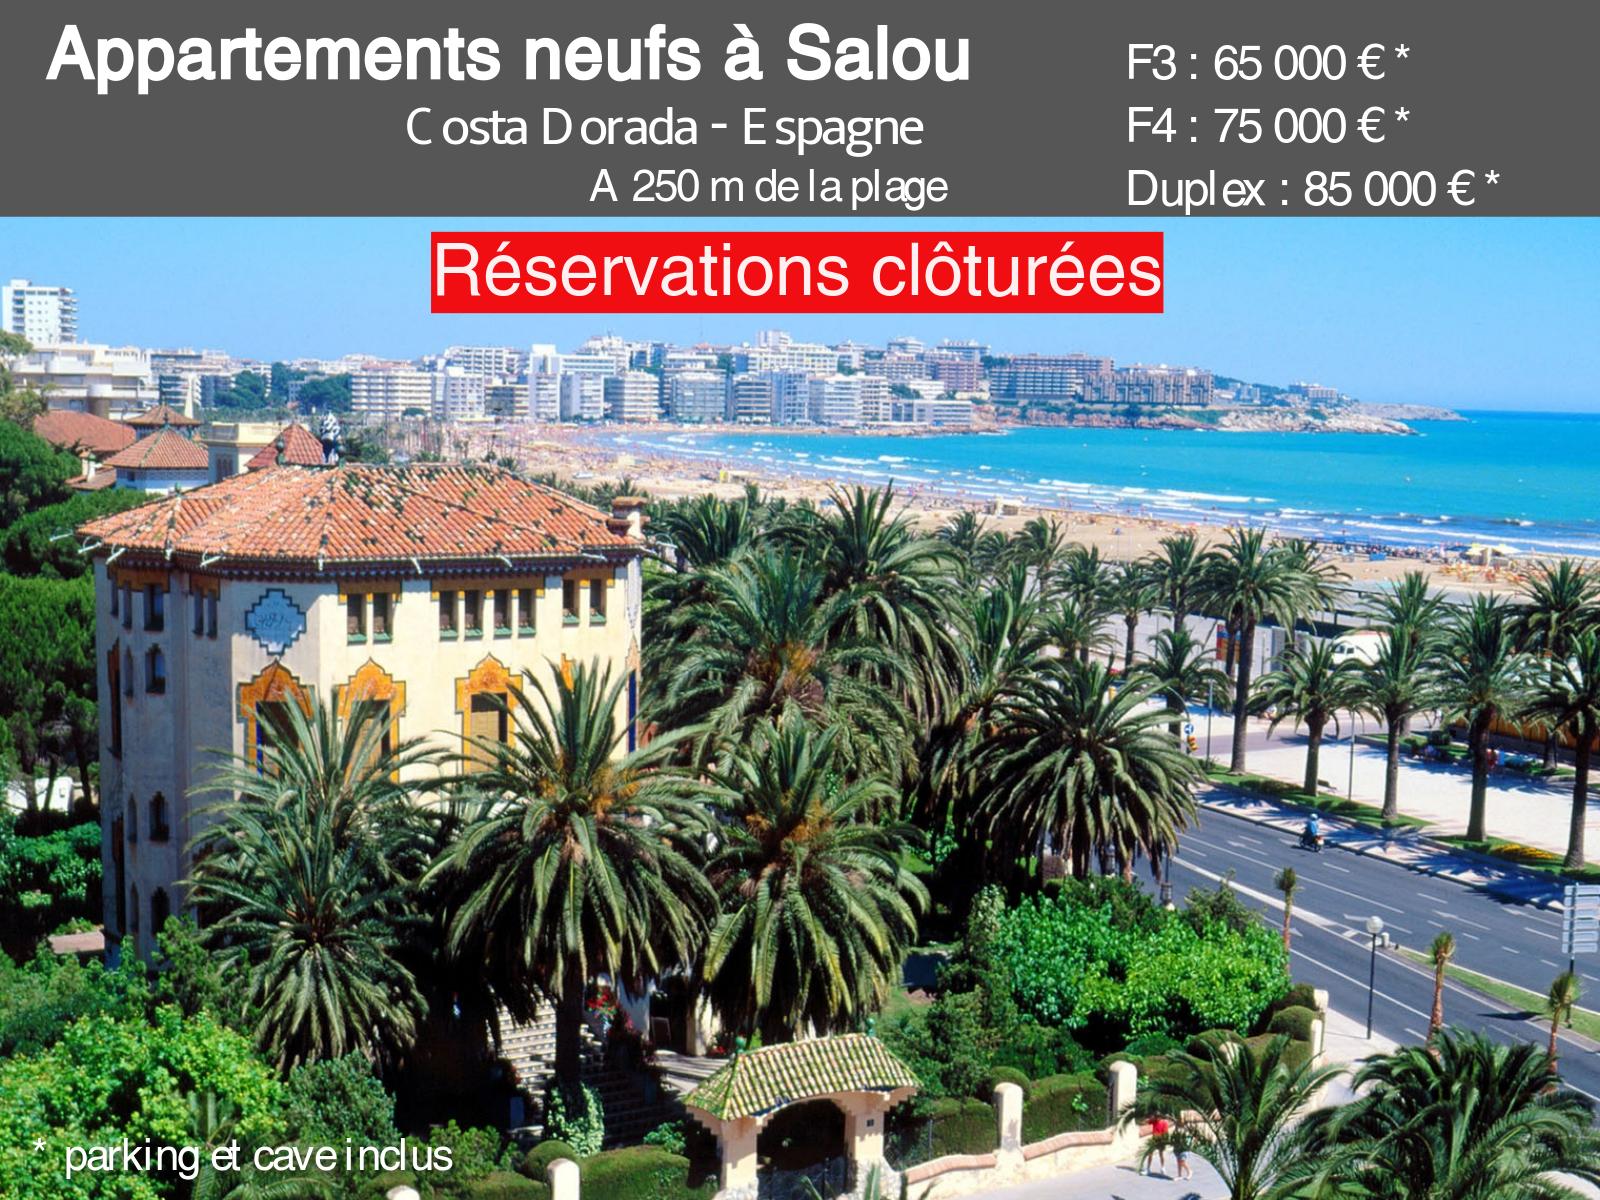 Nuevos pisos en Salou, a 250 m de las playas.